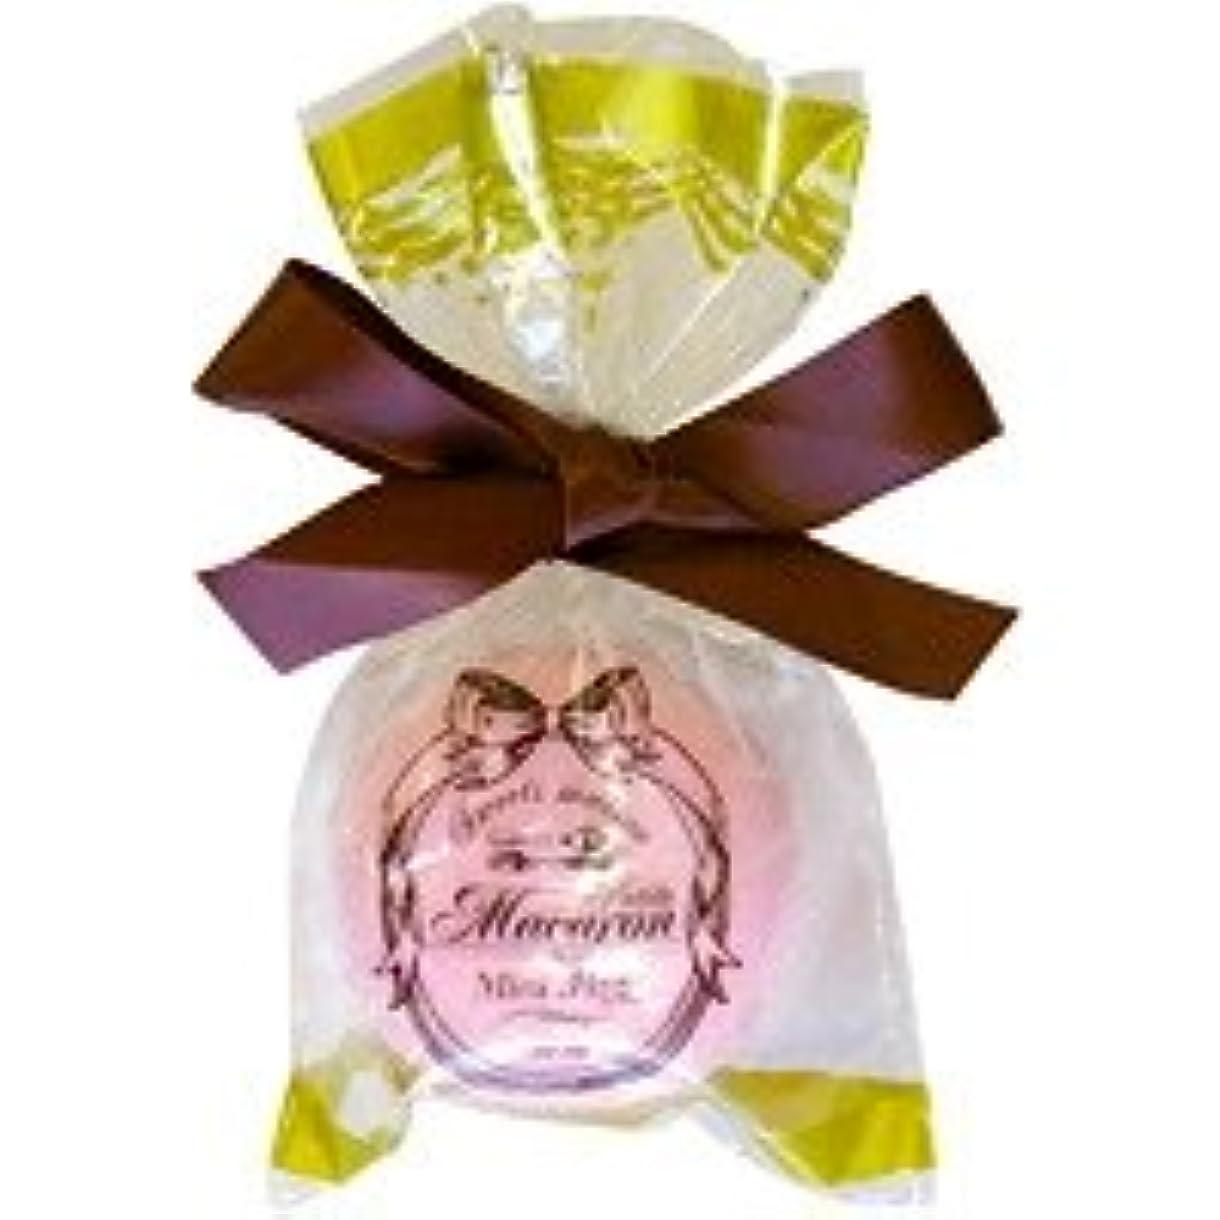 居心地の良い十一価格スウィーツメゾン プチマカロンフィズ「ピンク」12個セット 甘酸っぱいラズベリーの香り